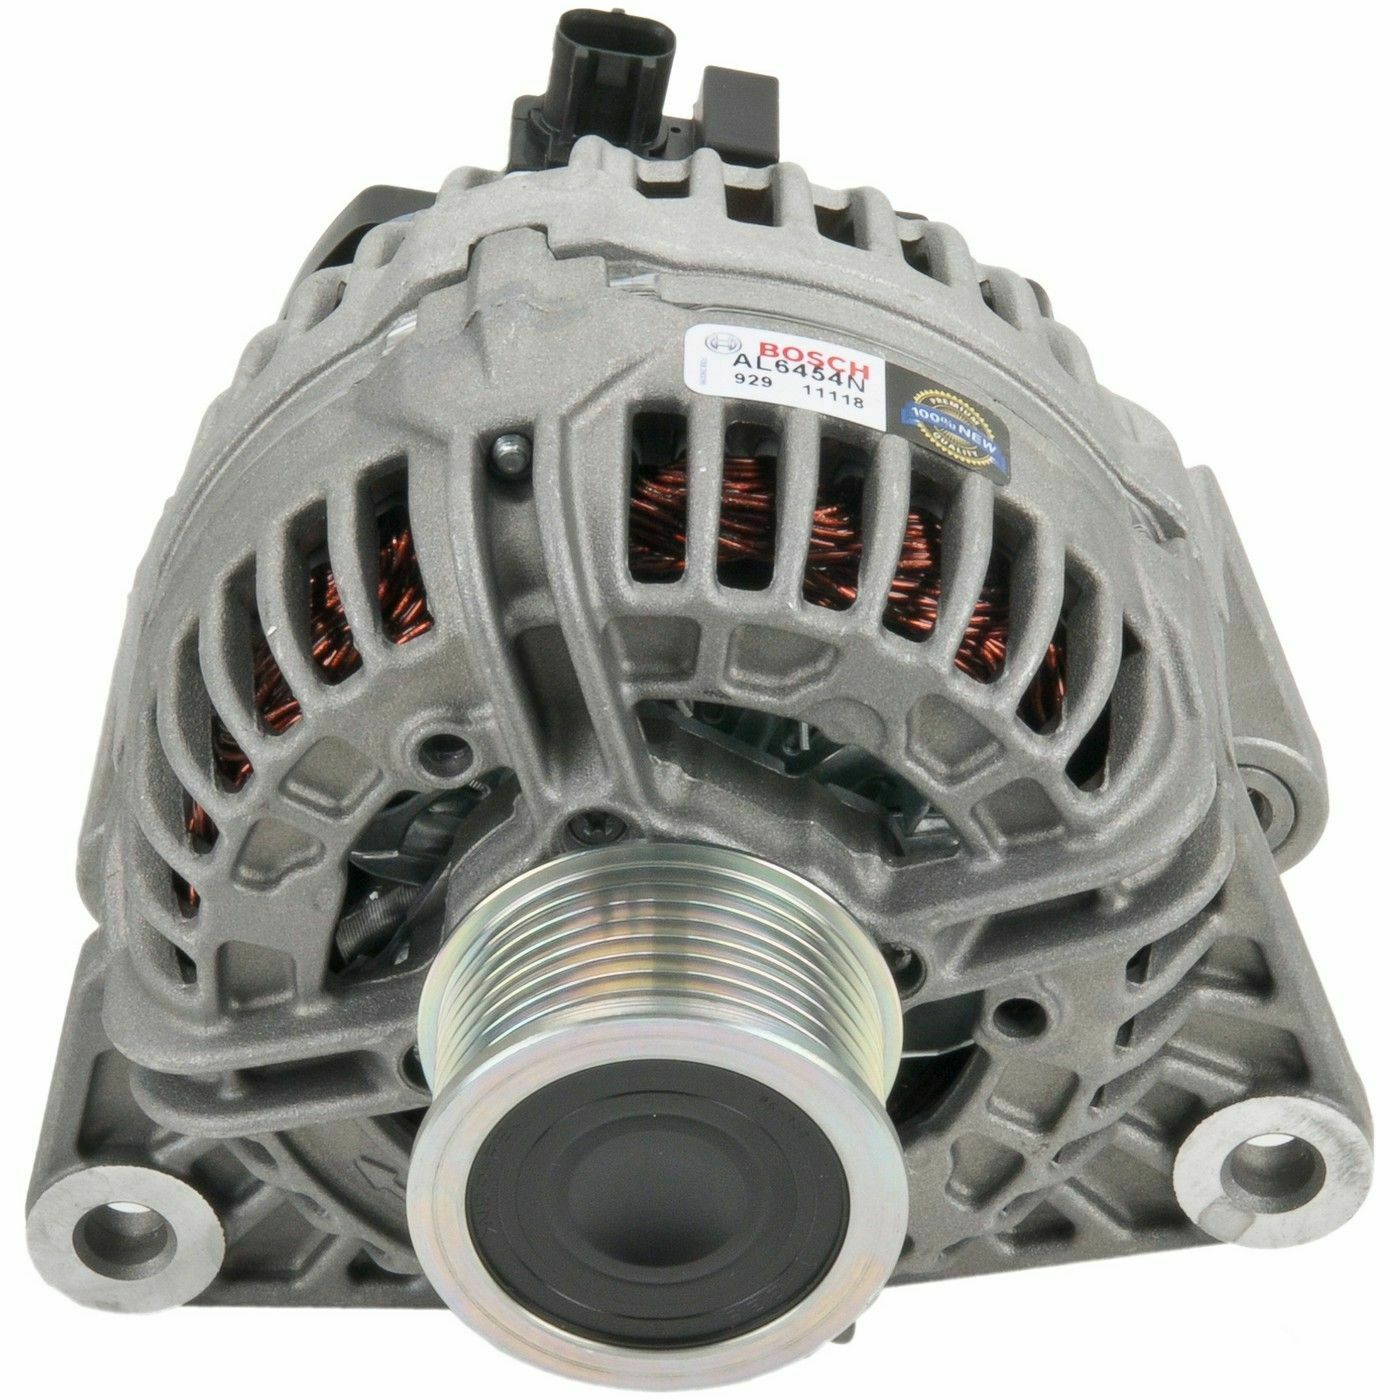 Bosch Alternator for 06-07 5.9L Cummins 24V